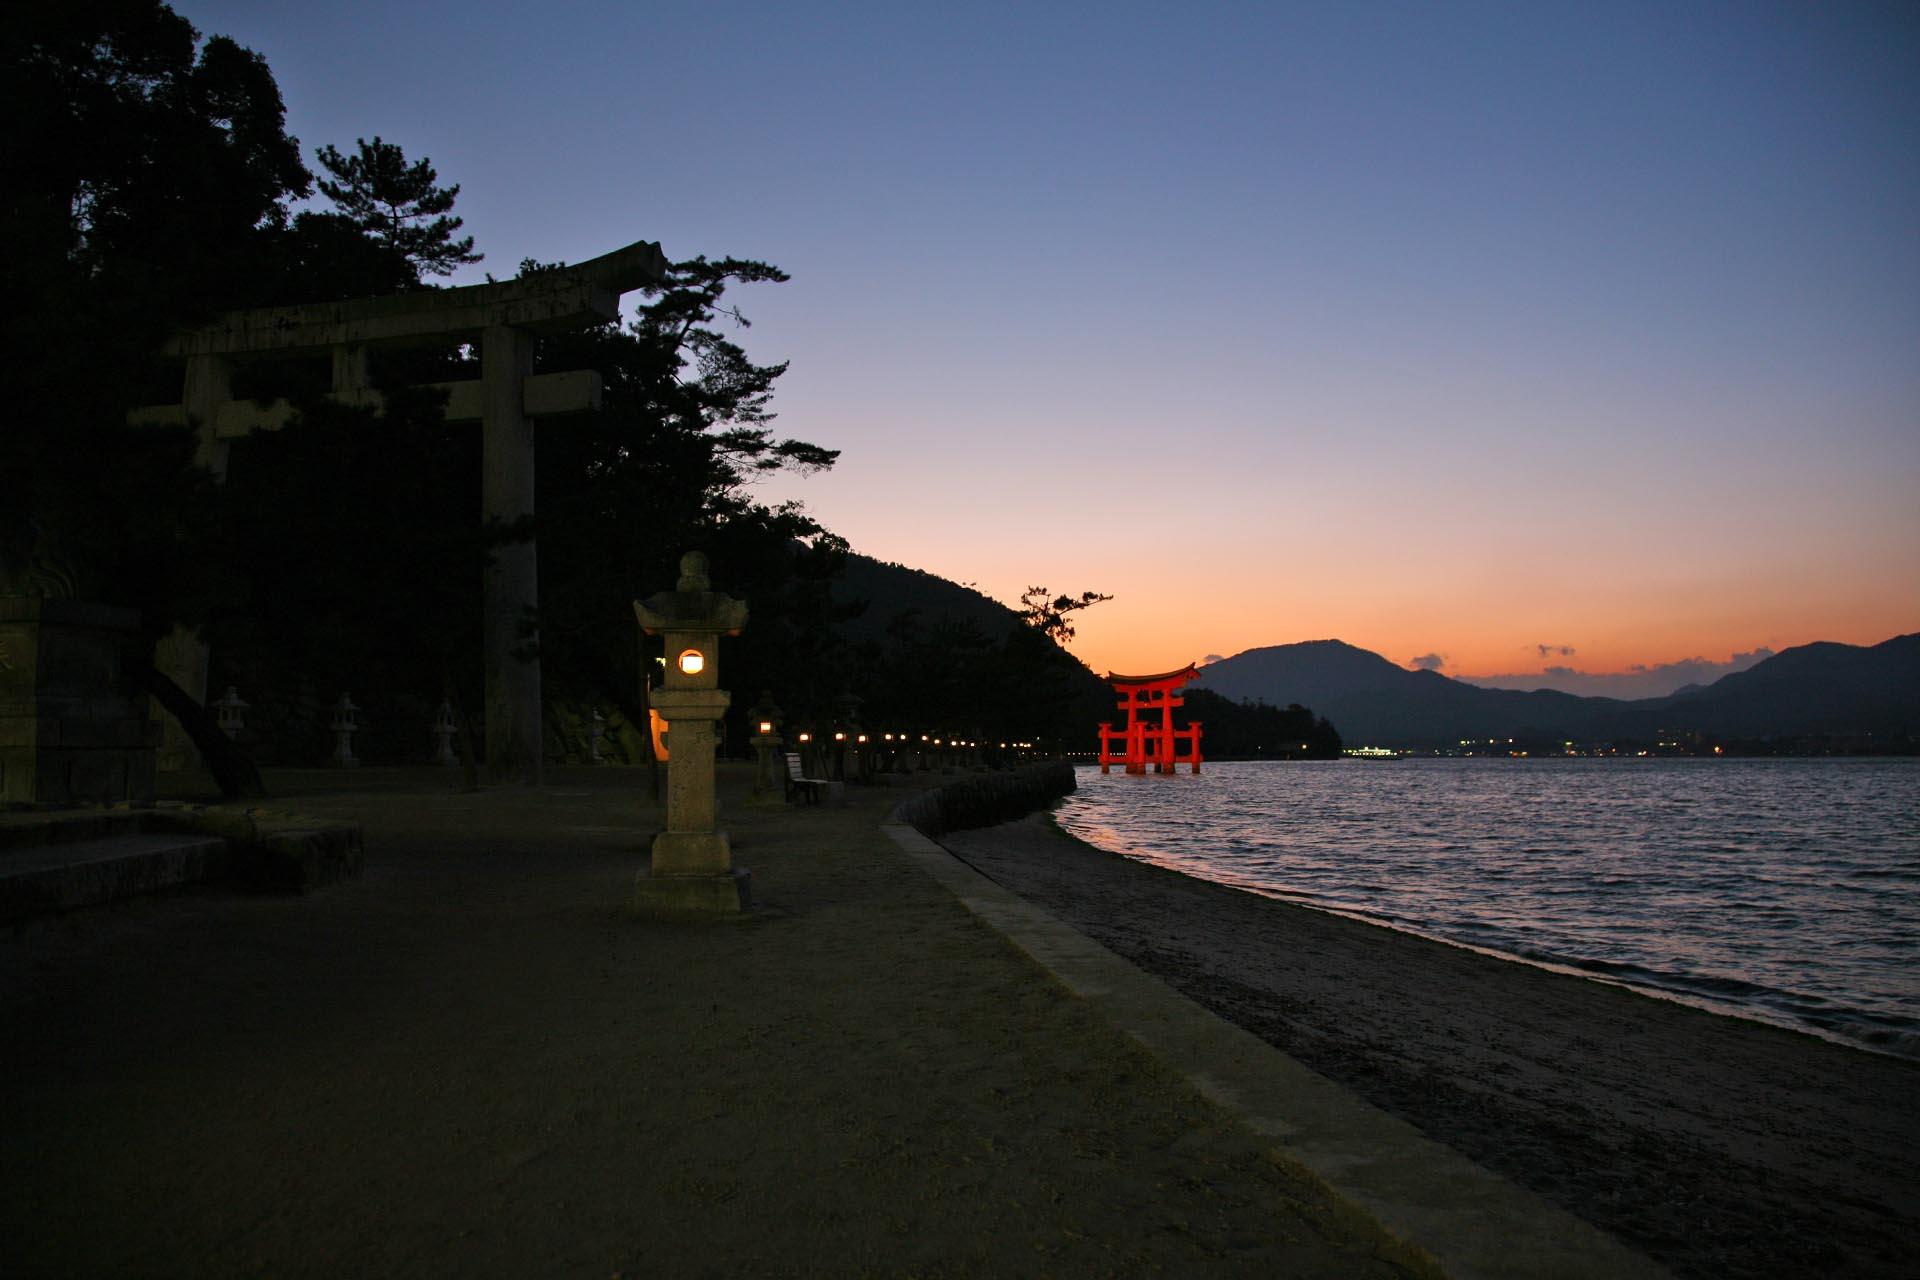 夕暮れの宮島の風景 広島の風景